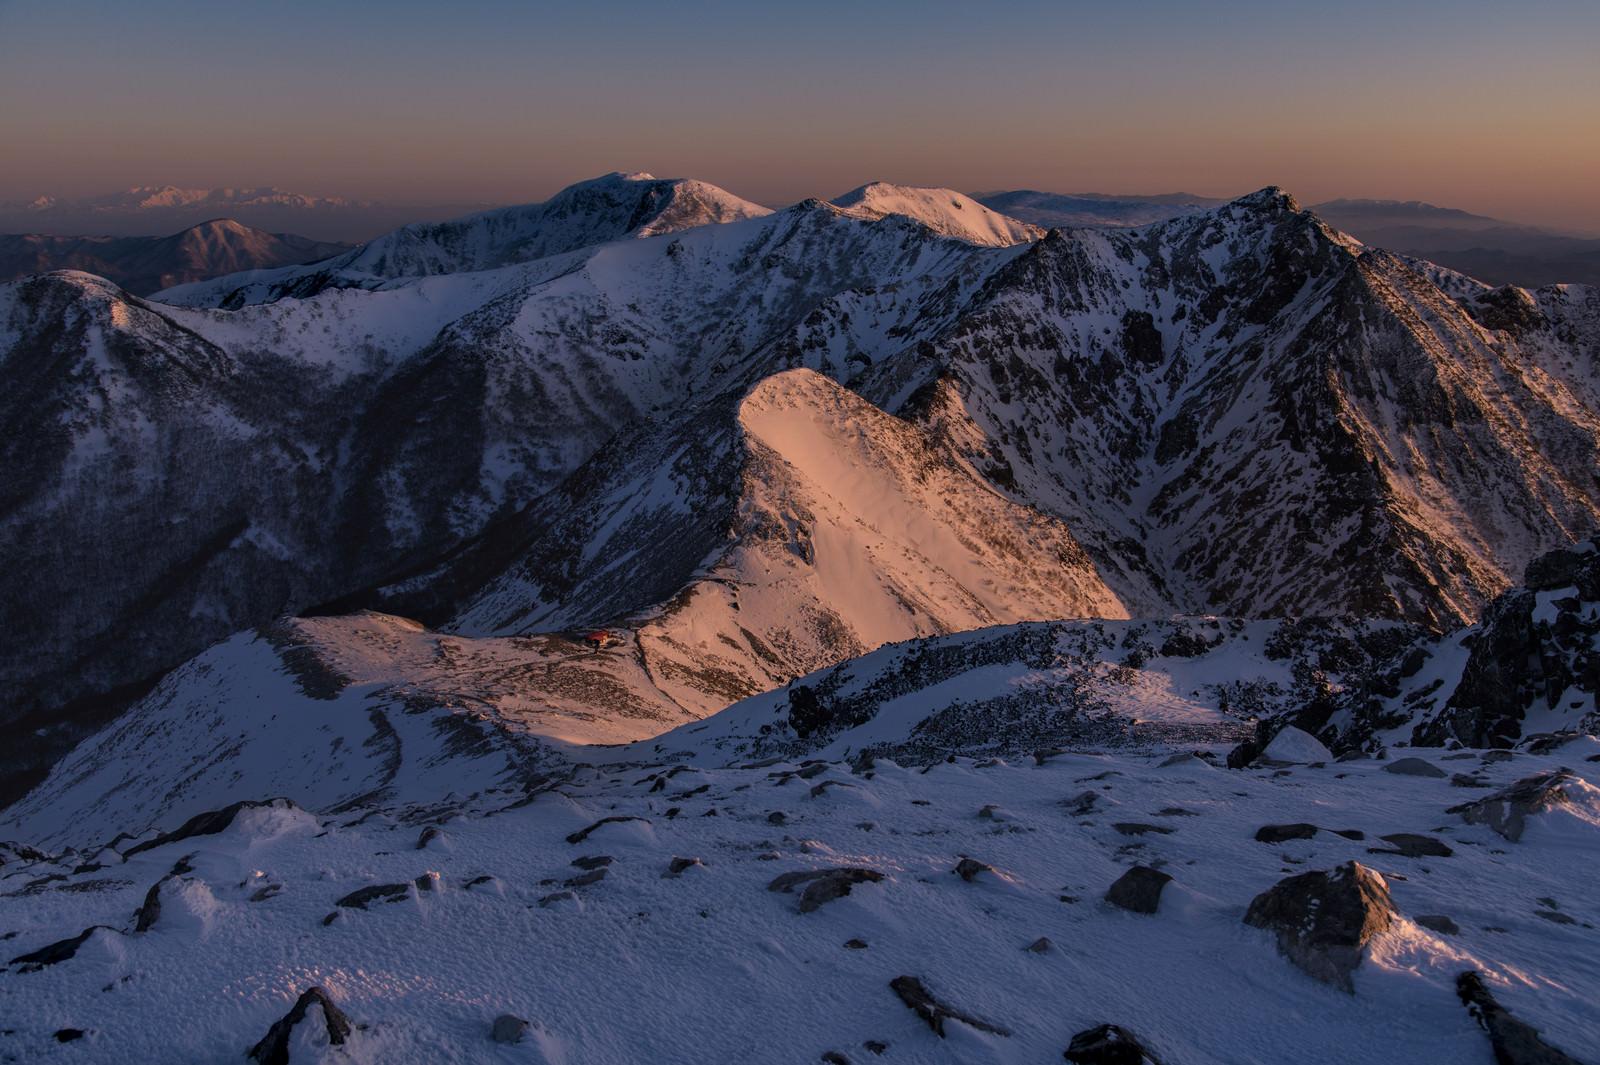 「朝焼けに染まる那須連山(那須岳)」の写真